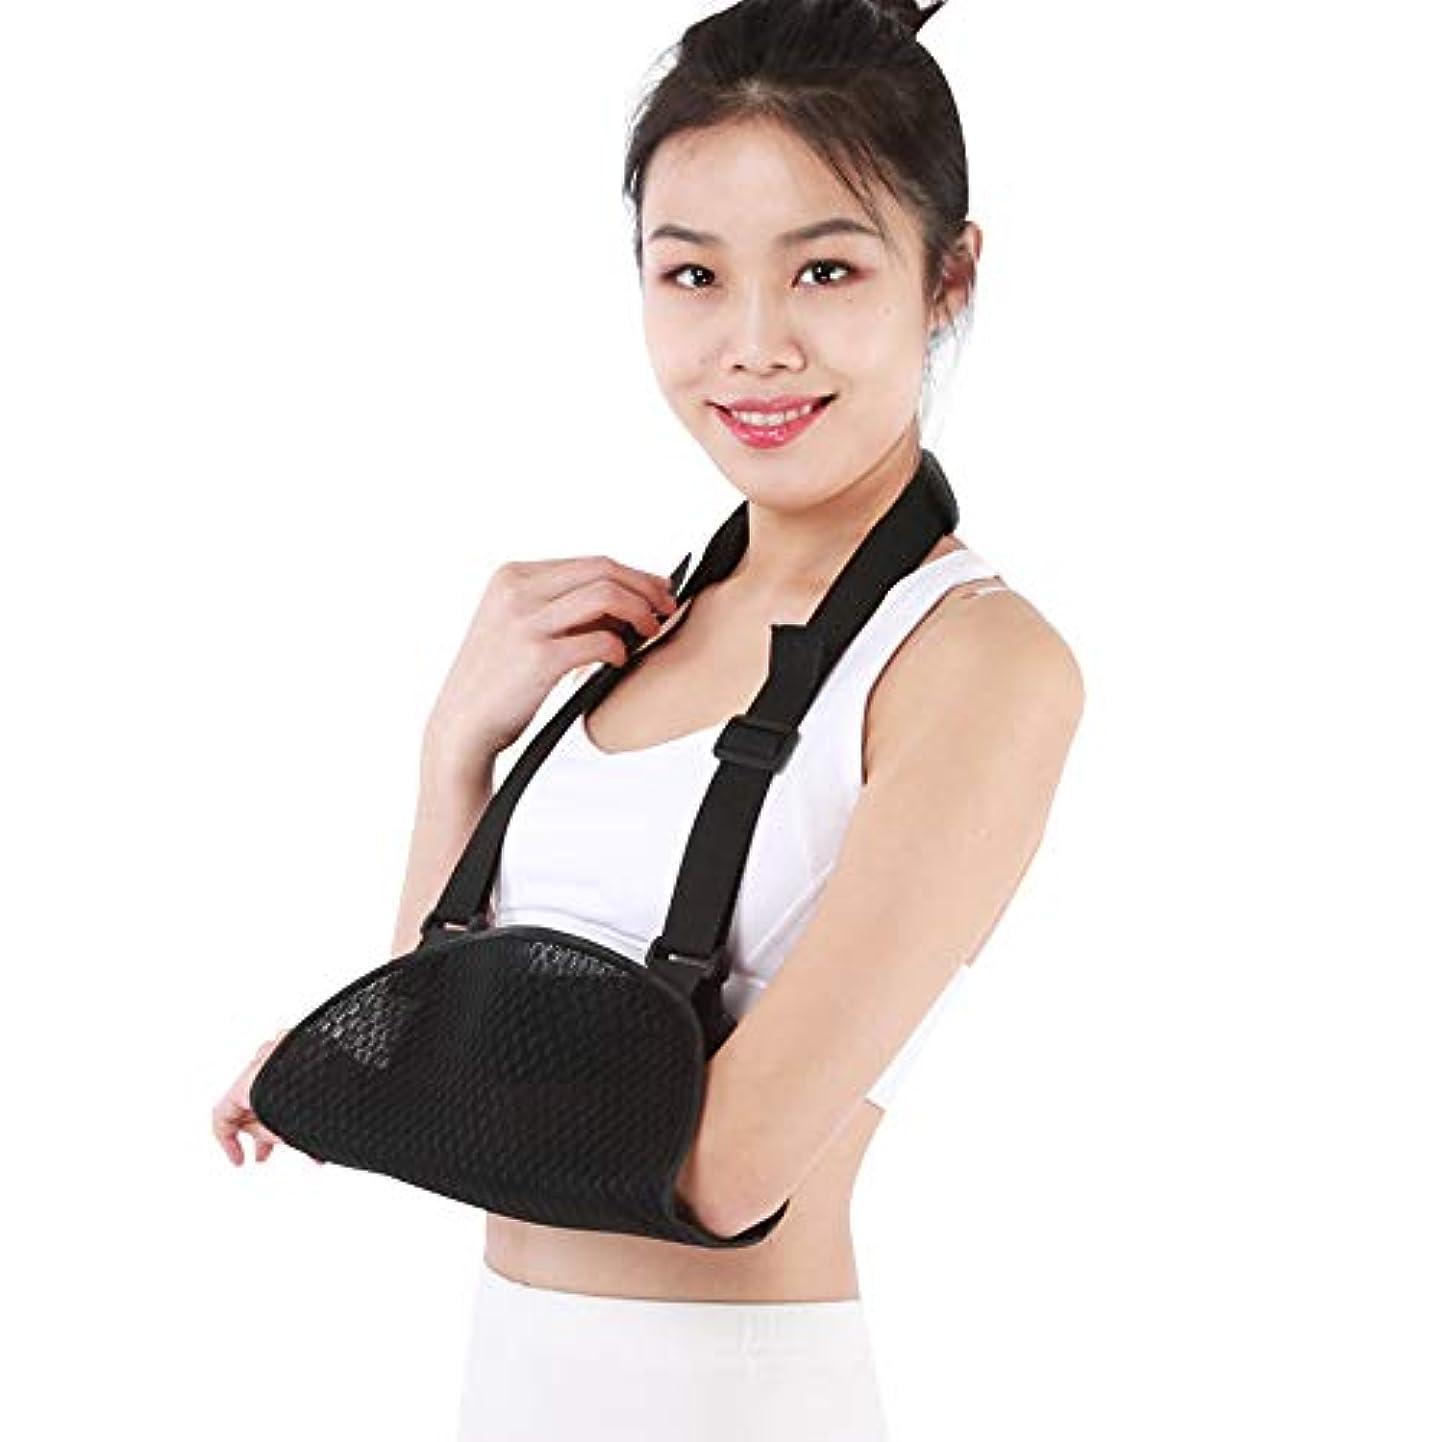 アセンブリブリードメッシュアームスリングメディカルサポートストラップ肩、腕、肘、男性と女性用の回旋腱板痛用の調整可能なスリングを備えた快適なイモビライザー